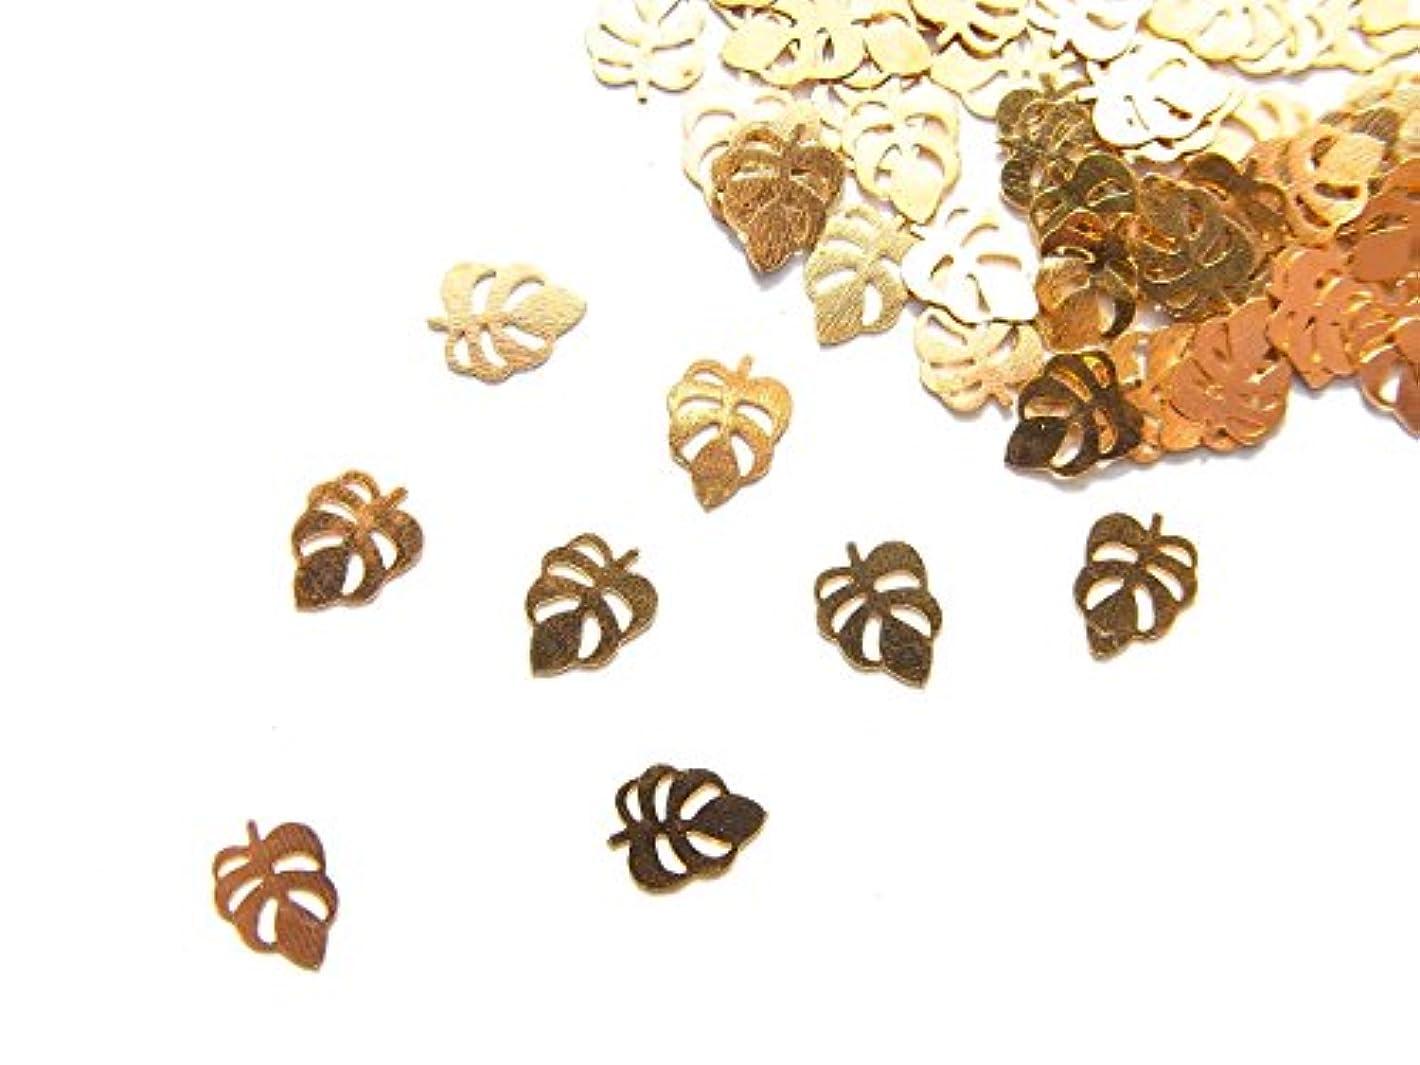 入場衝動熱心な【jewel】ug30 薄型ゴールド メタルパーツ 葉っぱ リーフ 10個入り ネイルアートパーツ レジンパーツ